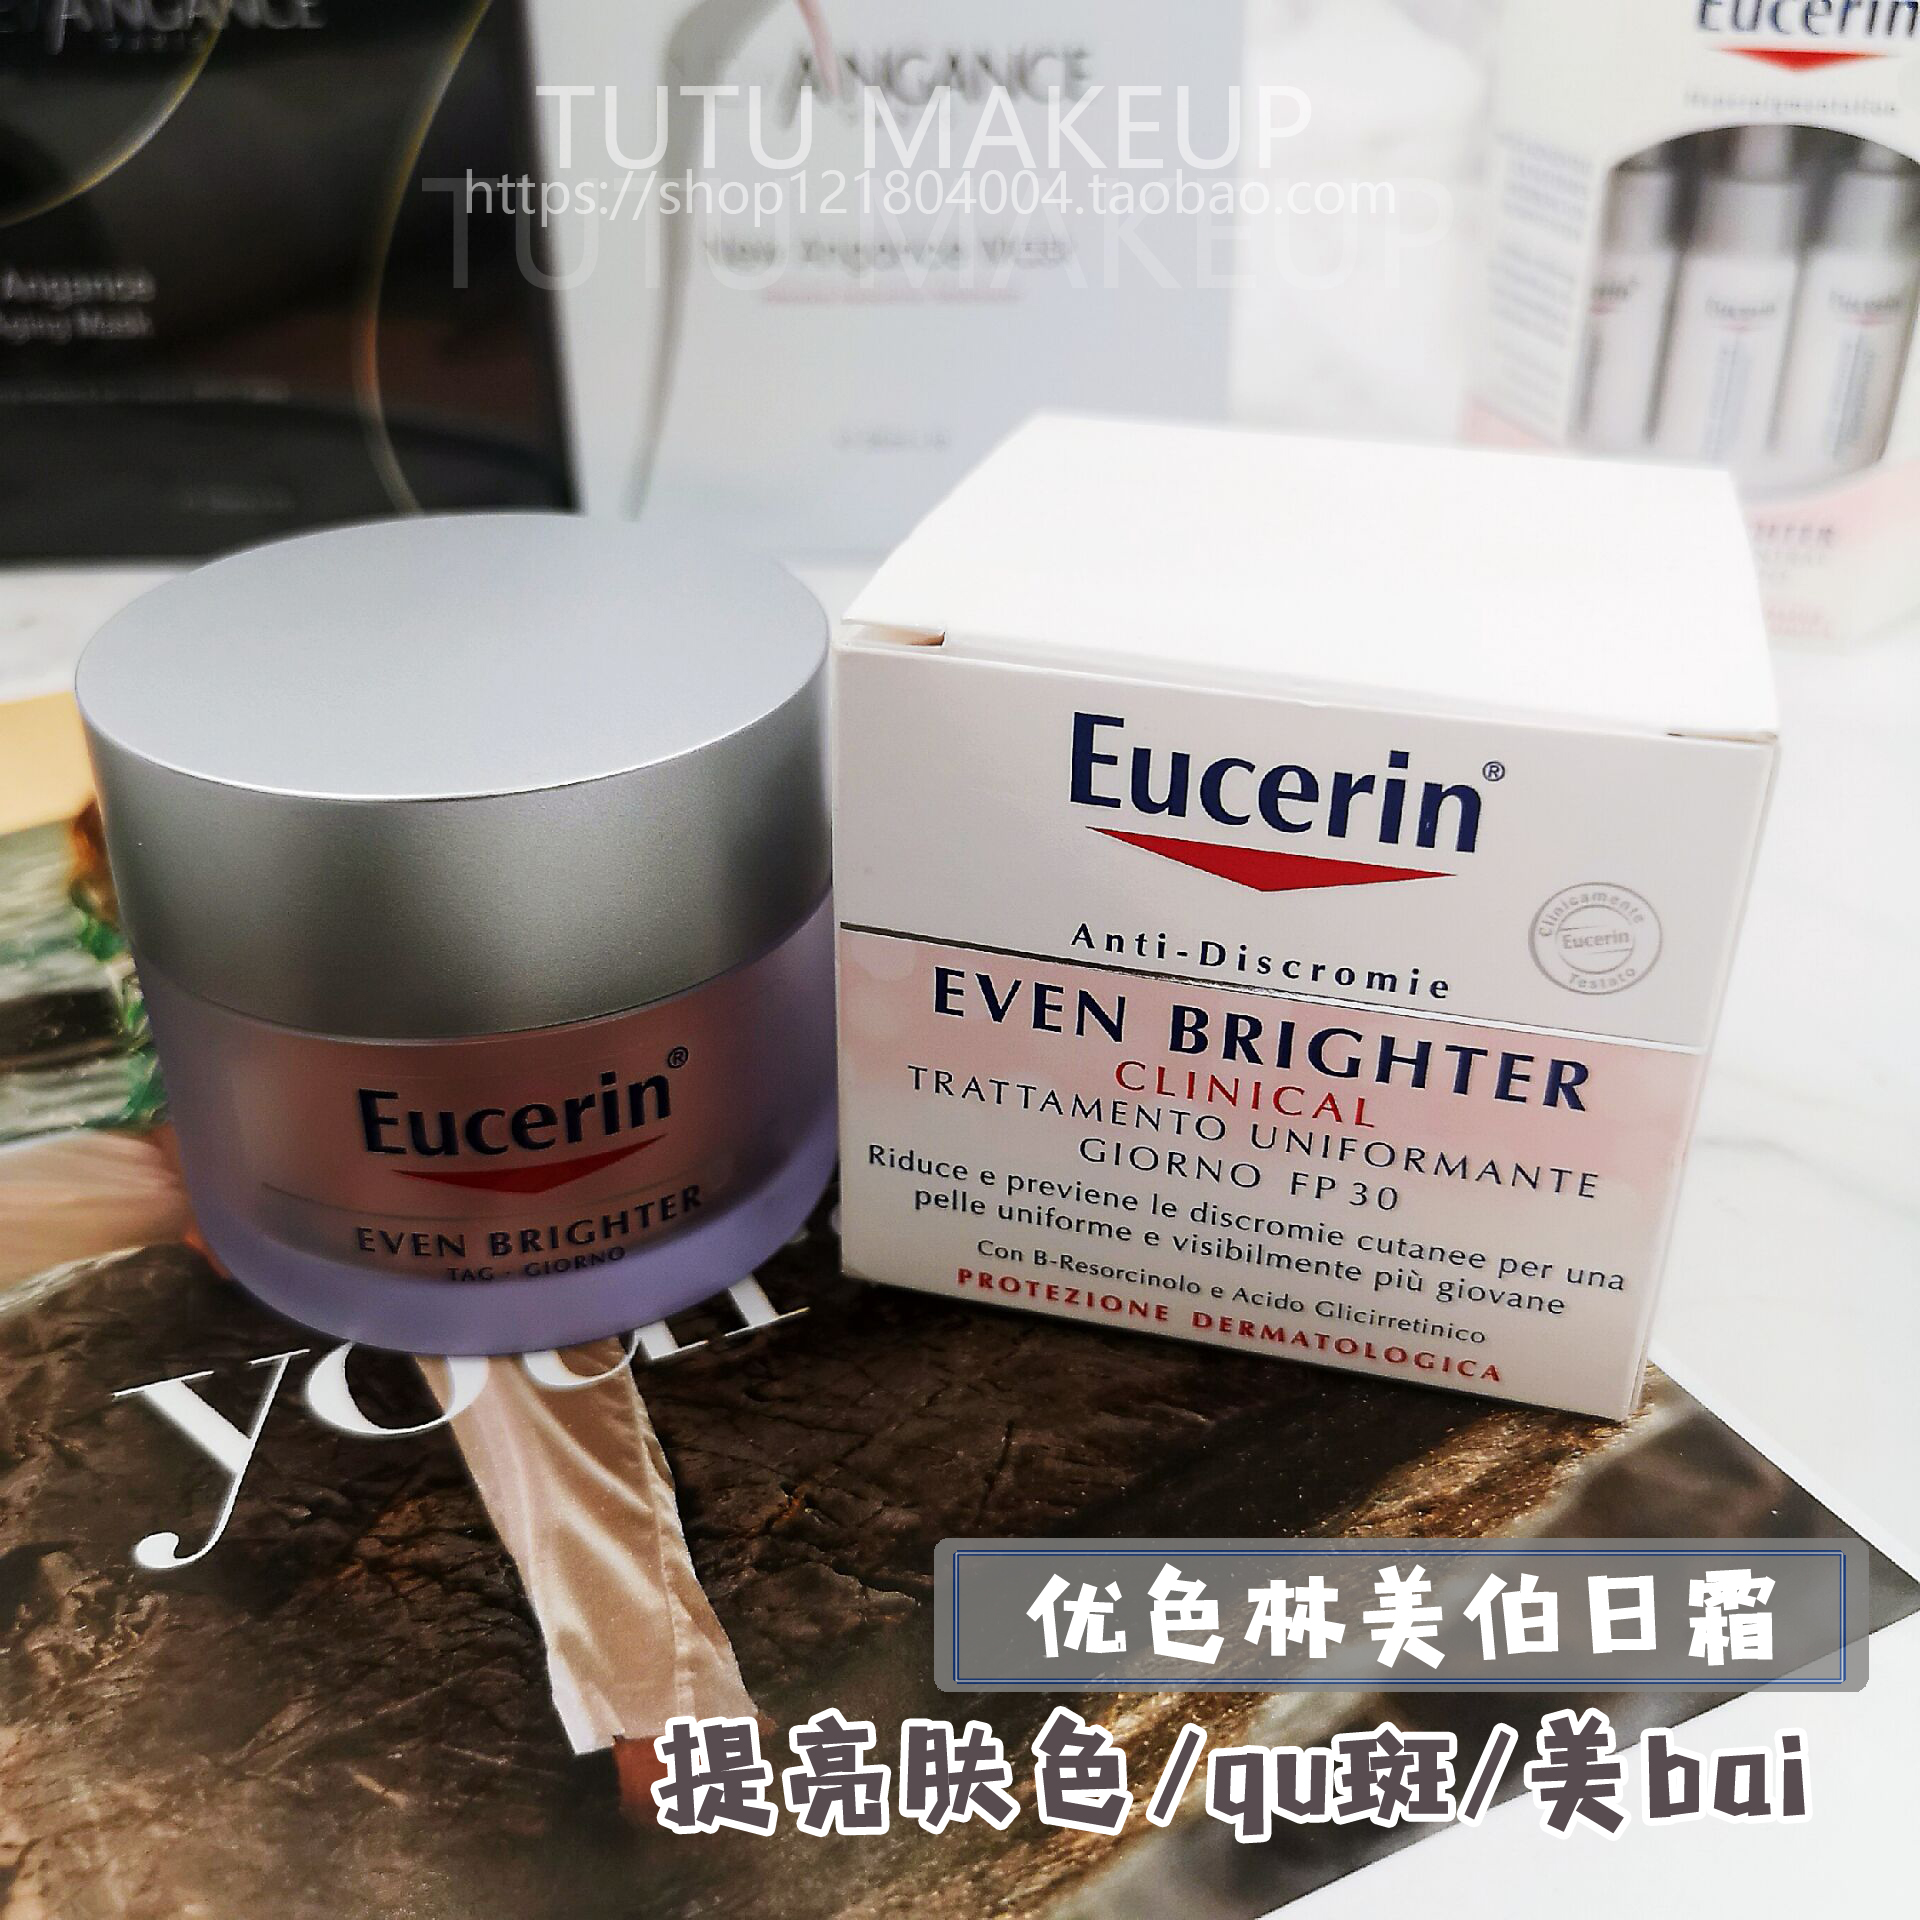 现货 德国Eucerin优色林美白亮肤淡斑修复补水保湿日霜50ml清爽